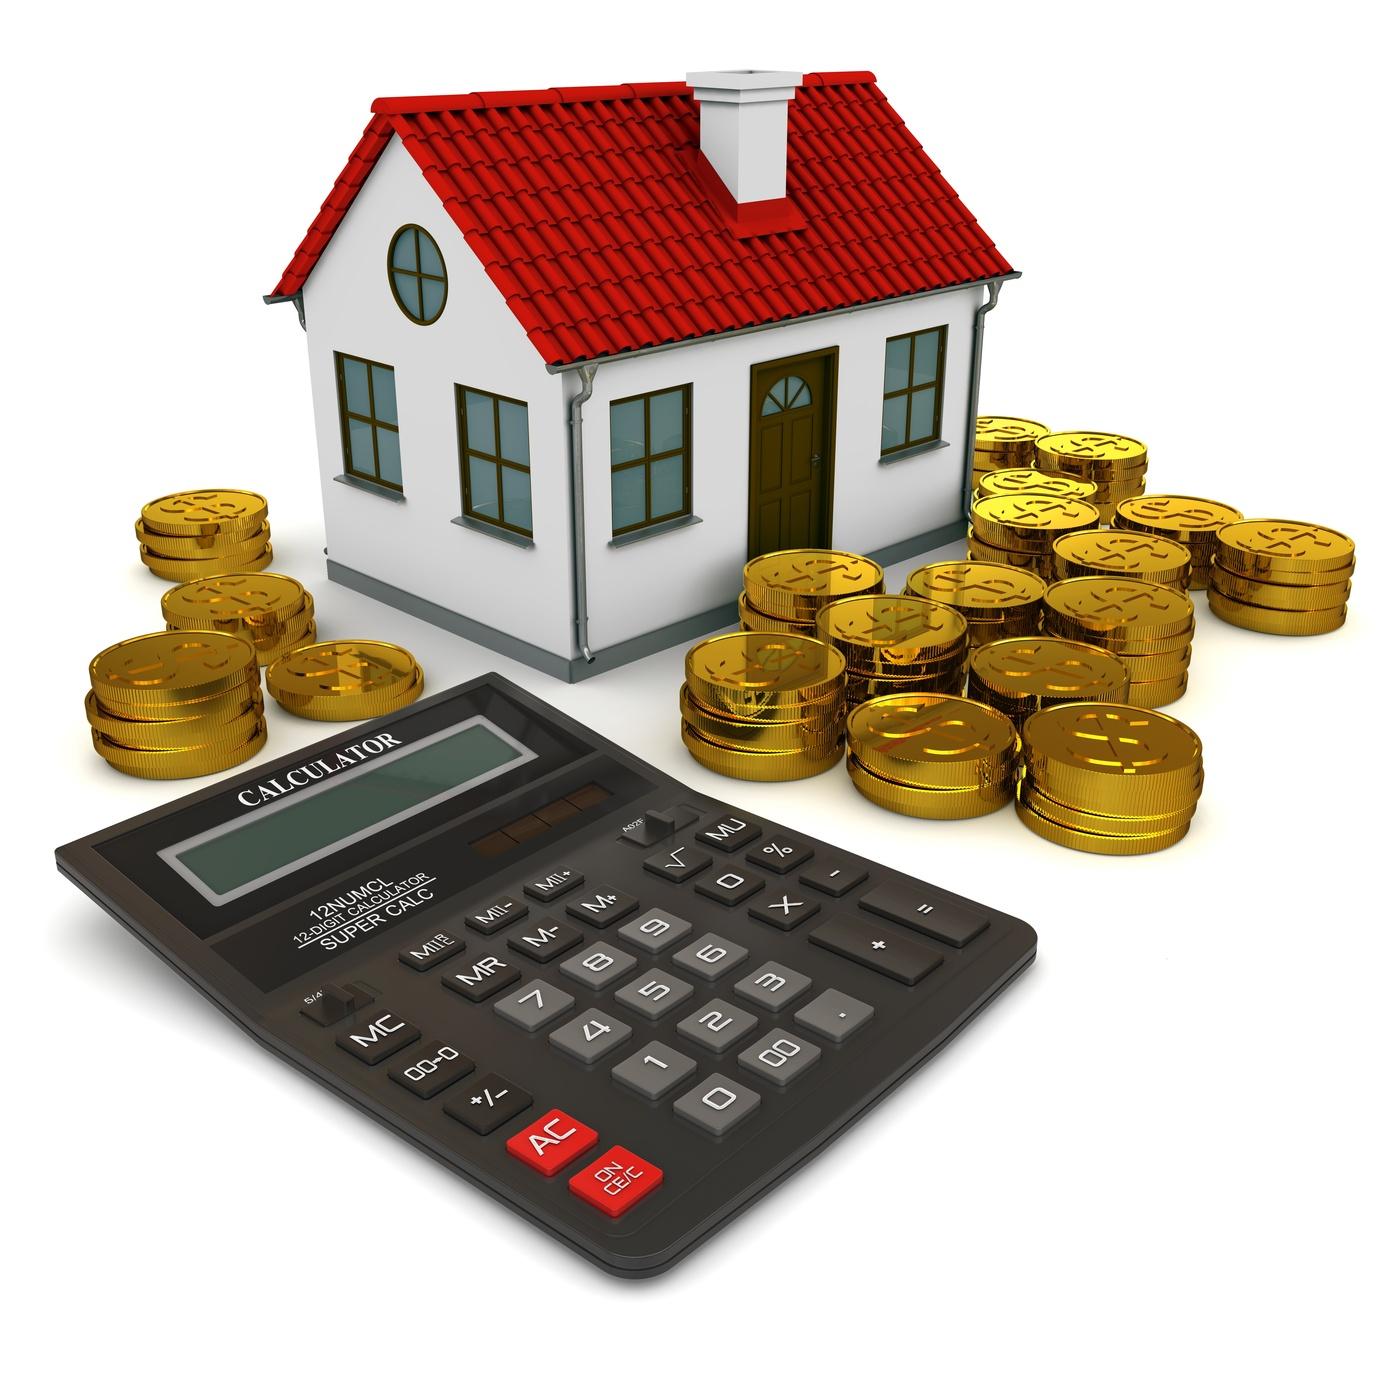 функциональное займ под залог квартиры в пятиэтажном доме синтетических